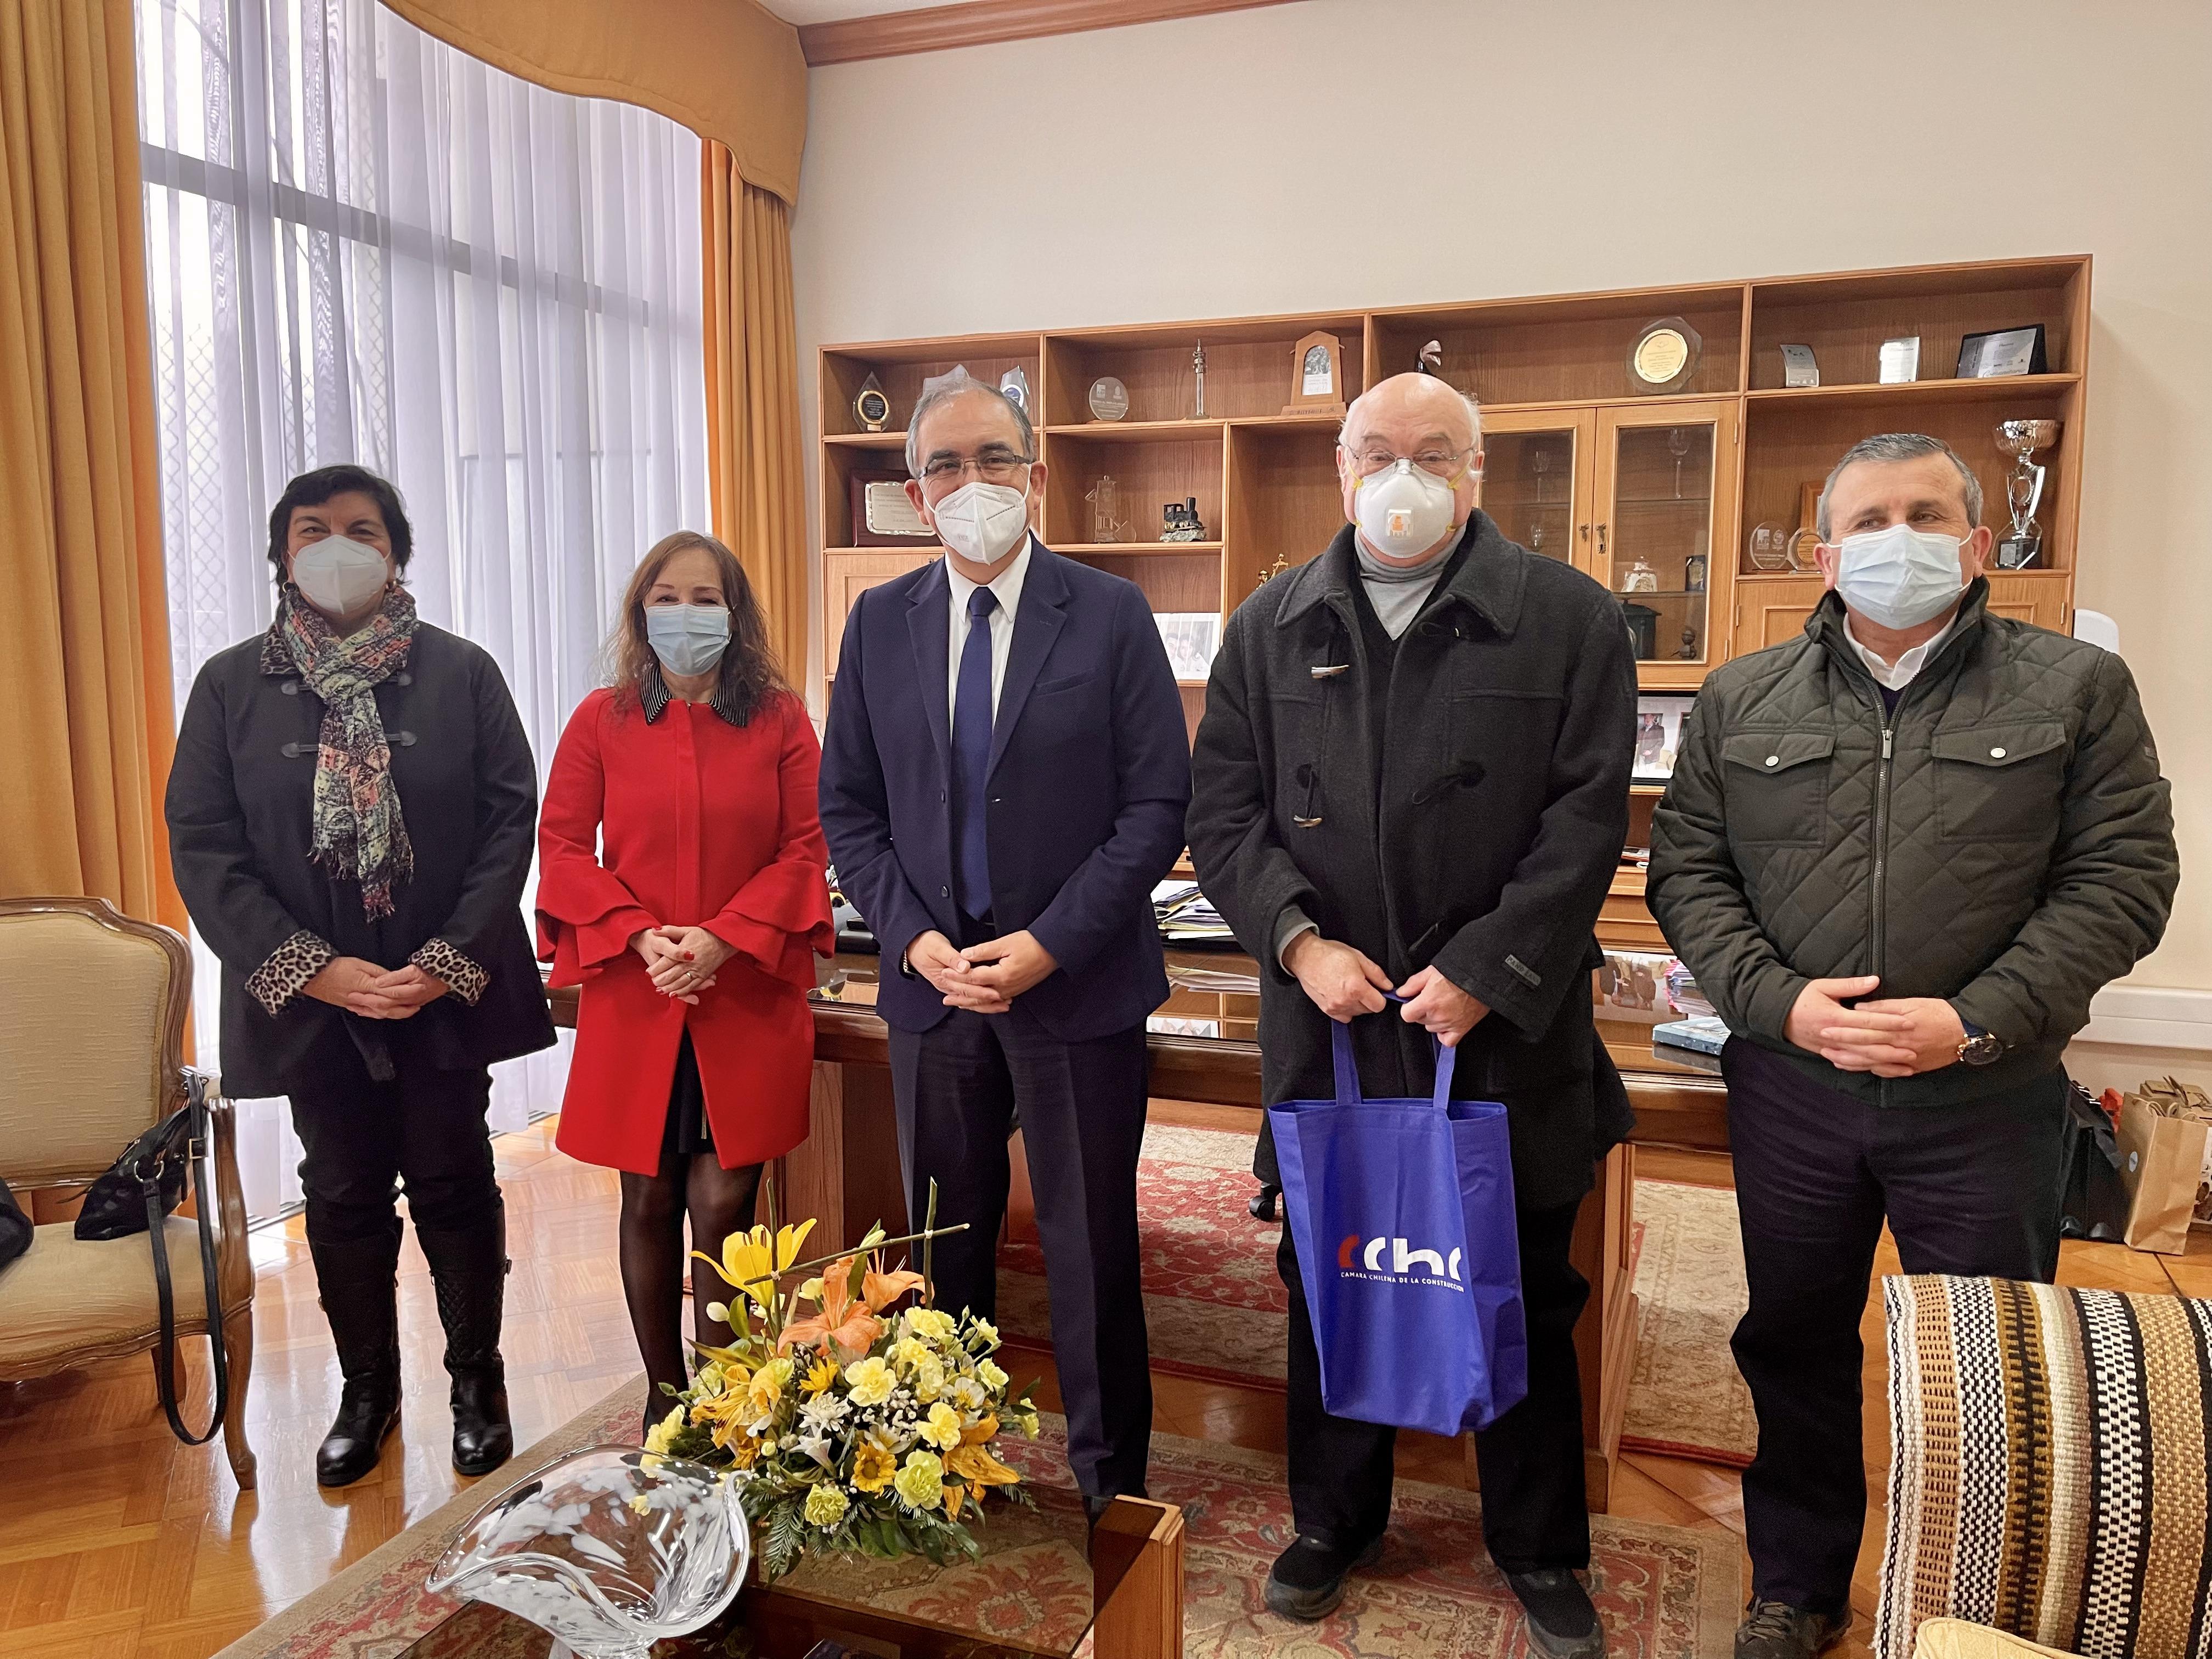 Directivos de la CChC Osorno se comprometen a trabajar por la ciudad con alcalde Emeterio Carrillo noticias